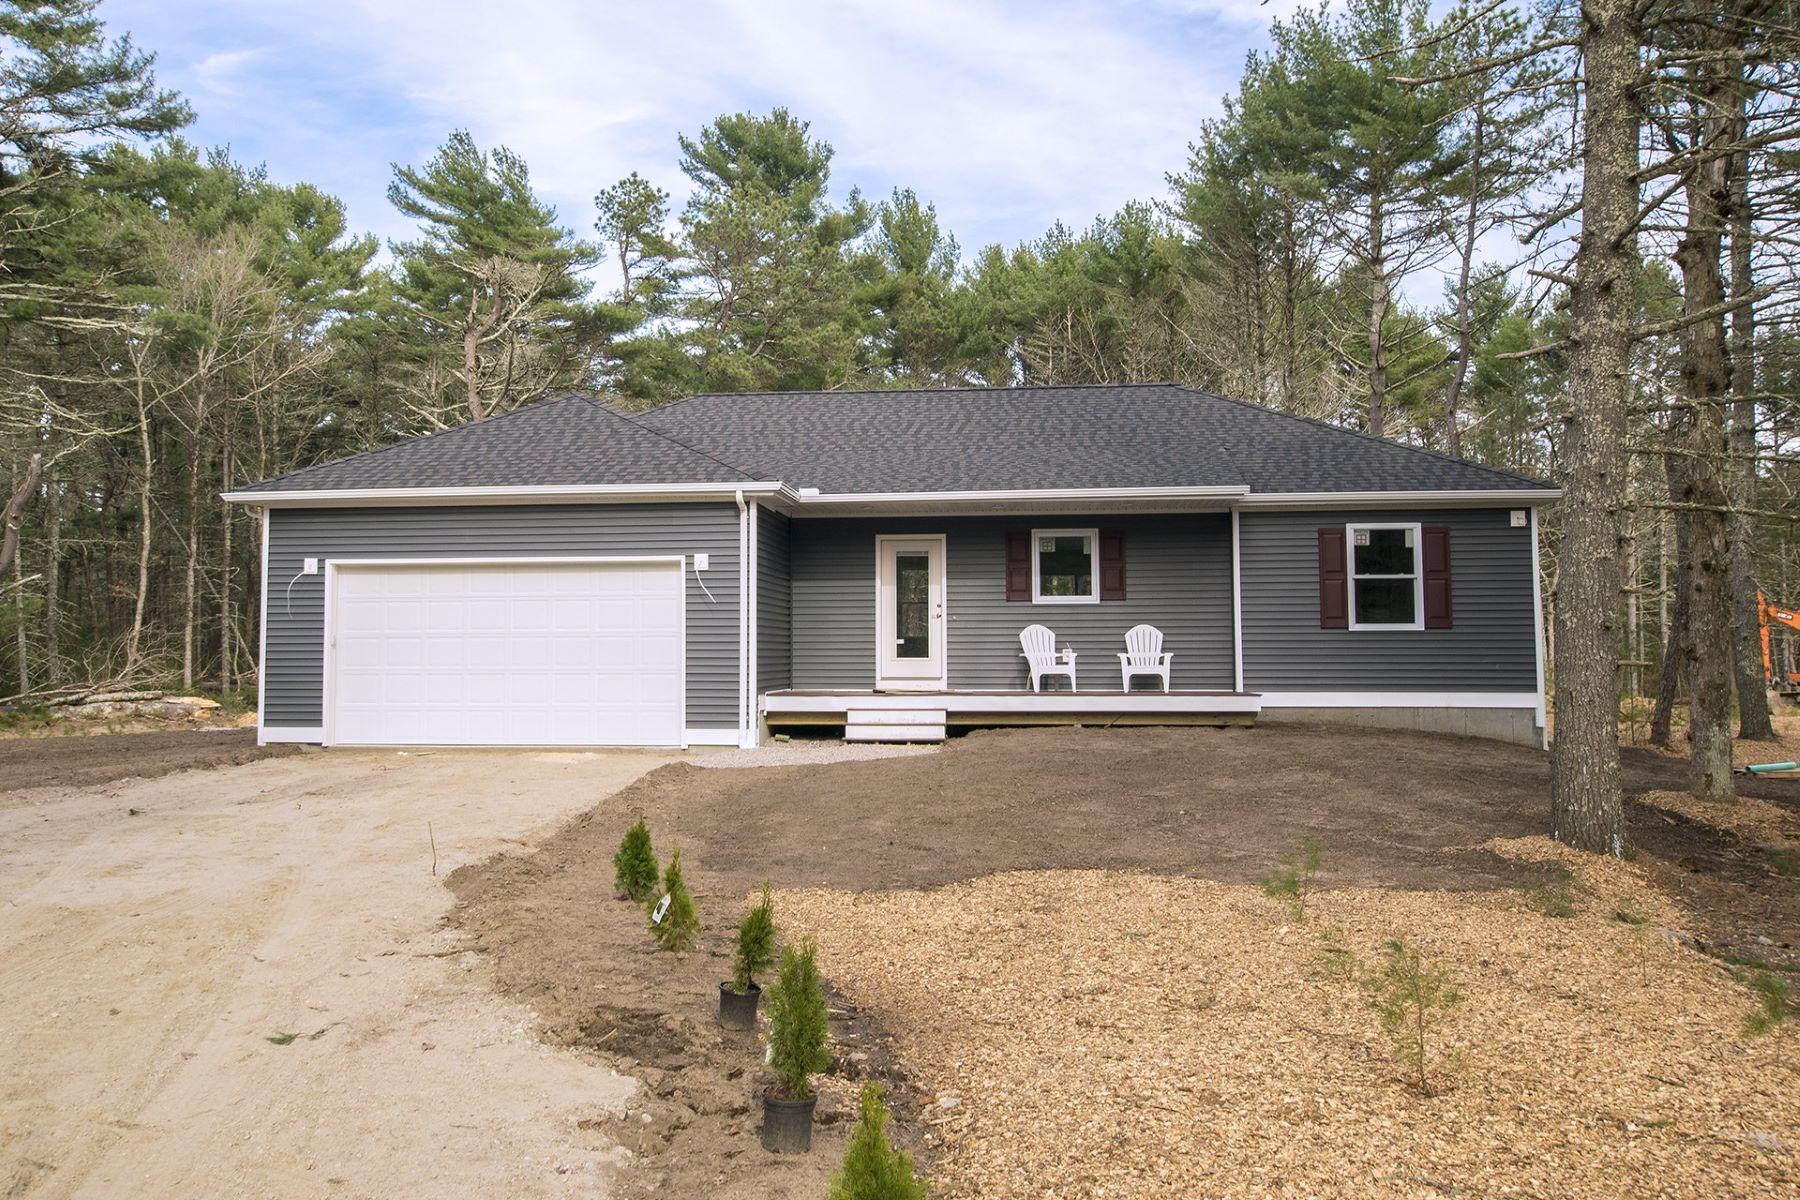 Μονοκατοικία για την Πώληση στο 86 Botka Woods Dr, Charlestown, RI Charlestown, Ροουντ Αϊλαντ 02813 Ηνωμένες Πολιτείες